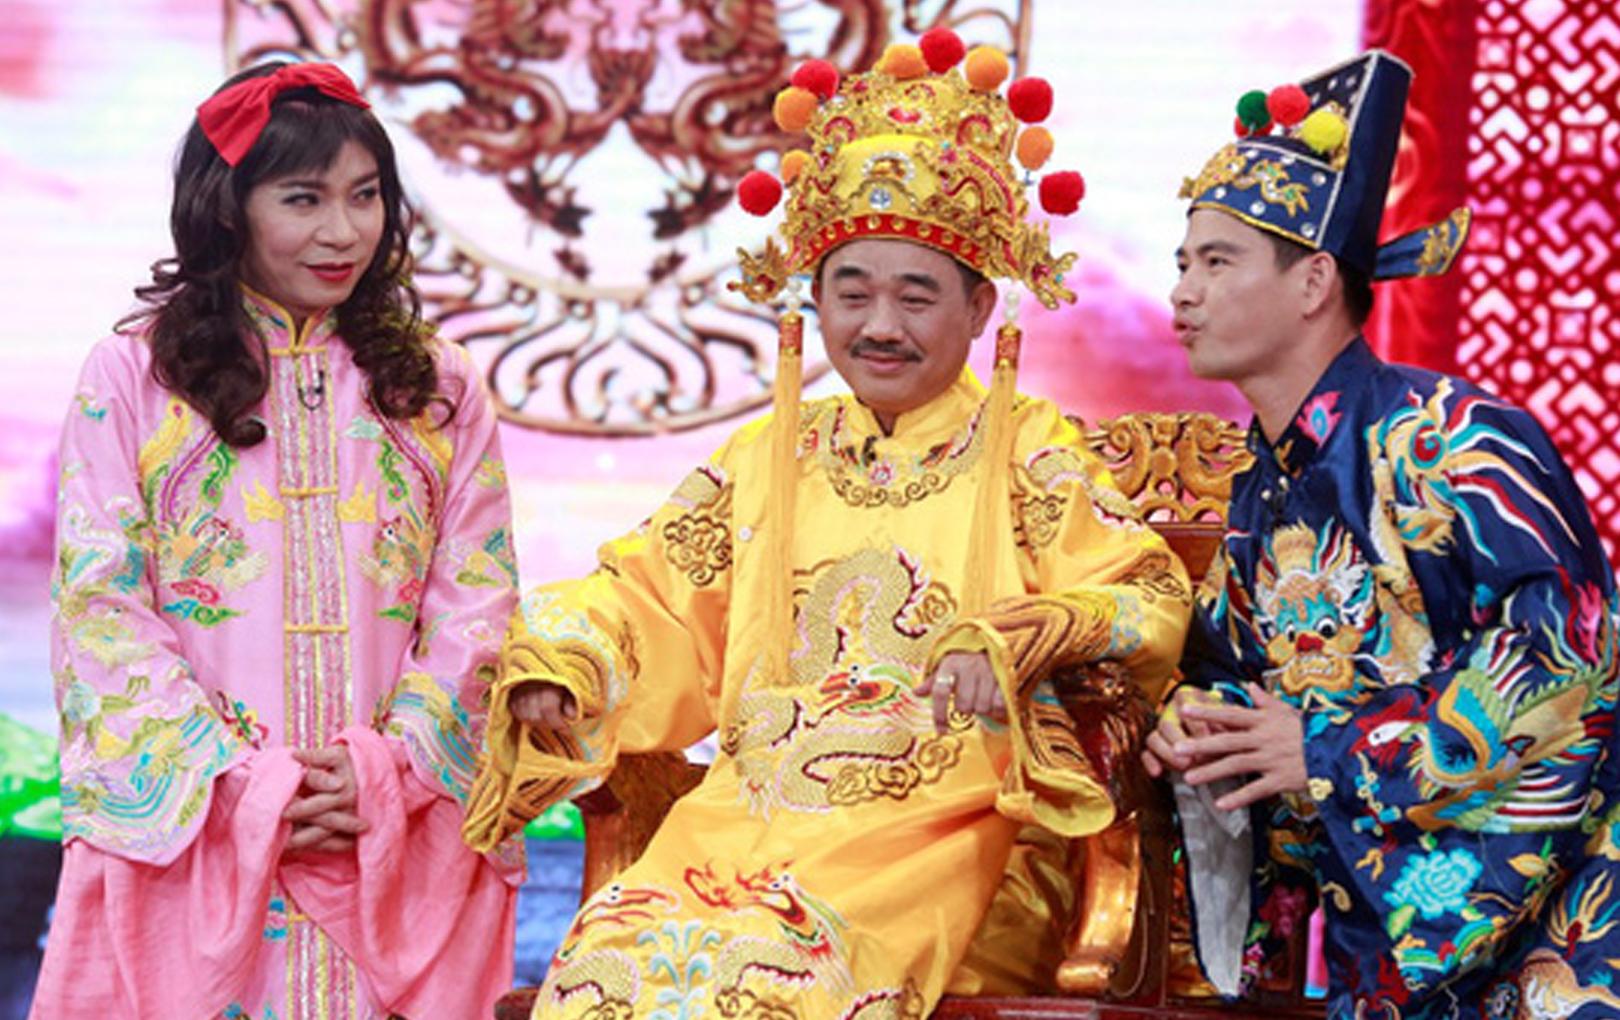 Nghệ sĩ hài Xuân Bắc tiết lộ Giao thừa năm nay sẽ không có Táo quân